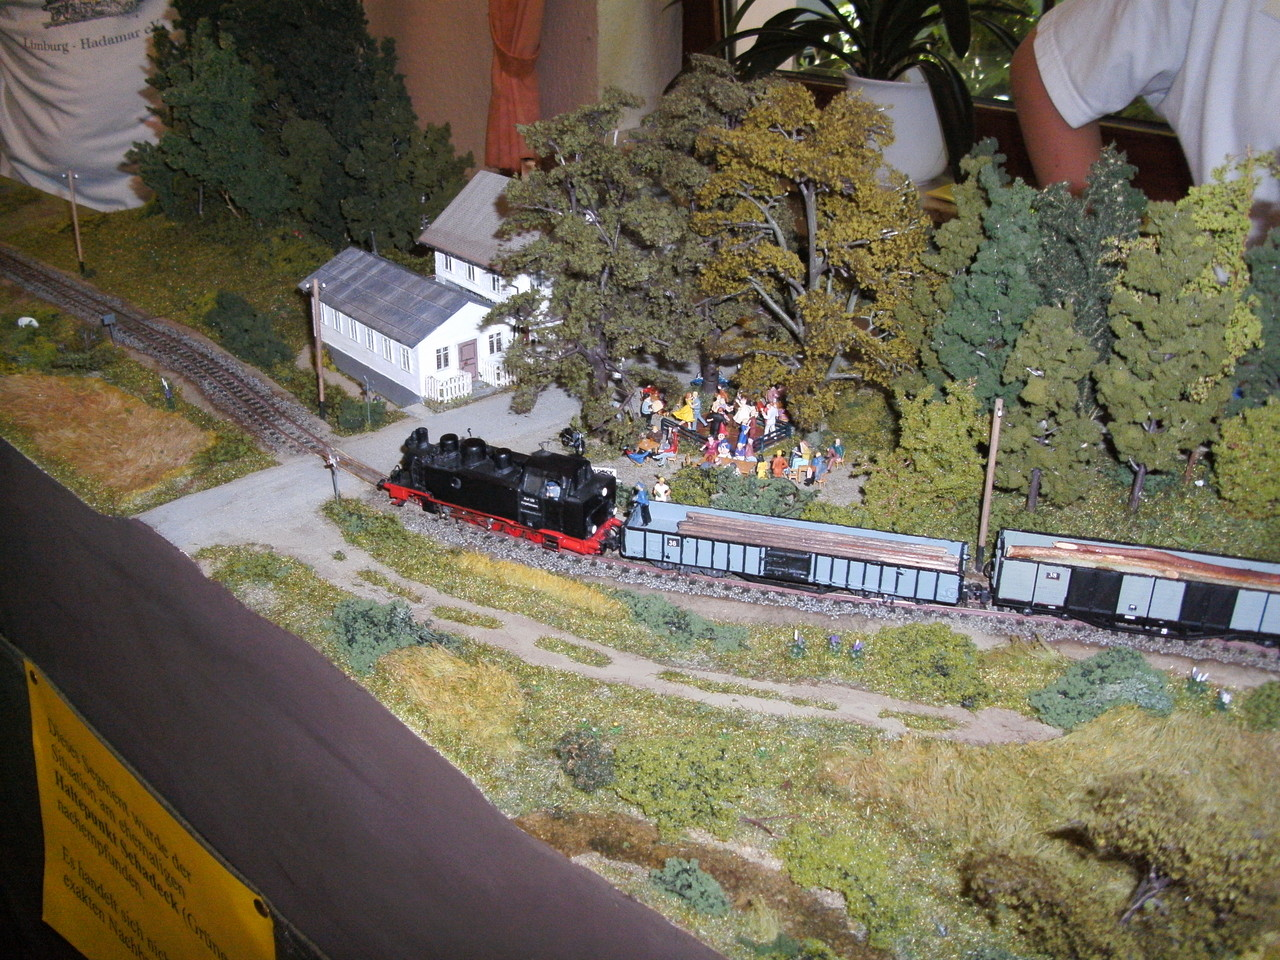 Und während der Ausstellung meldete sich Thomas Pfadenhauer bei uns und brachte sein schönes Modell der Lok 15 ins Rennen